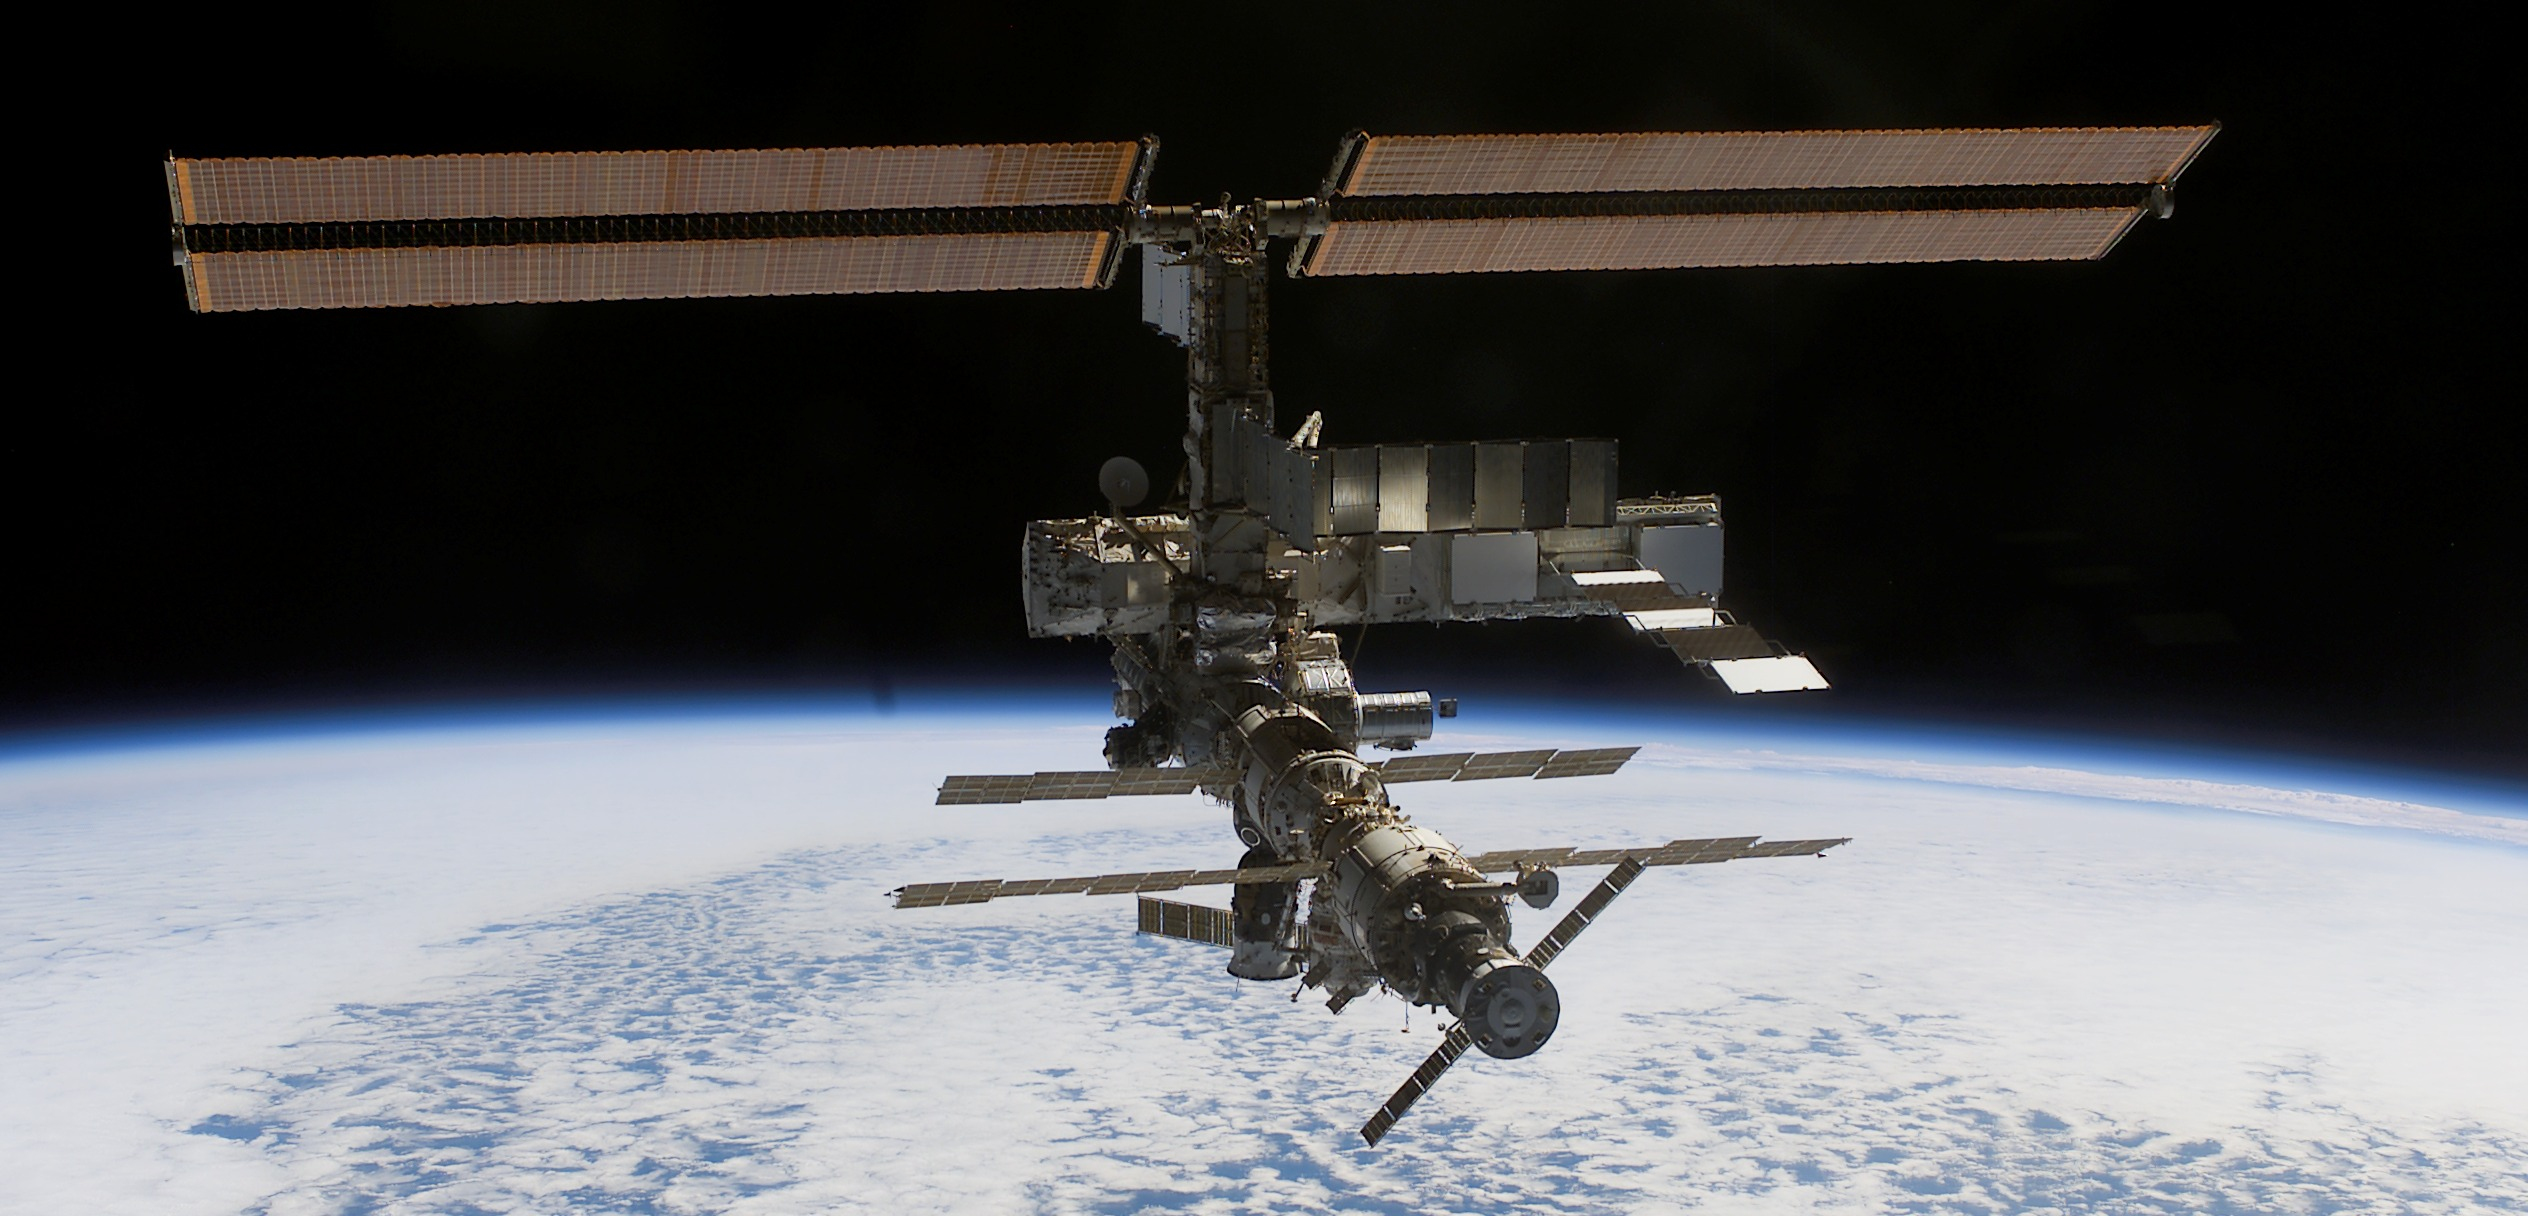 La cápsula Dragon viaja hacia la Estación Espacial con material científico